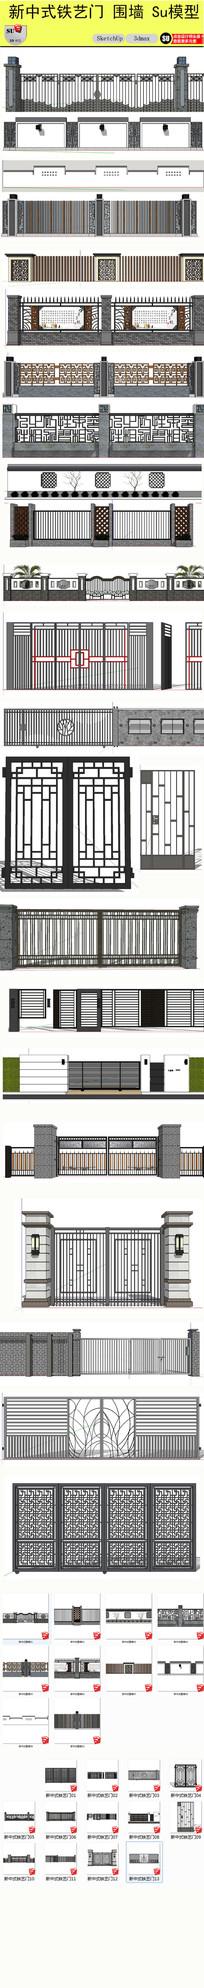 新中式铁艺门围墙SU模型